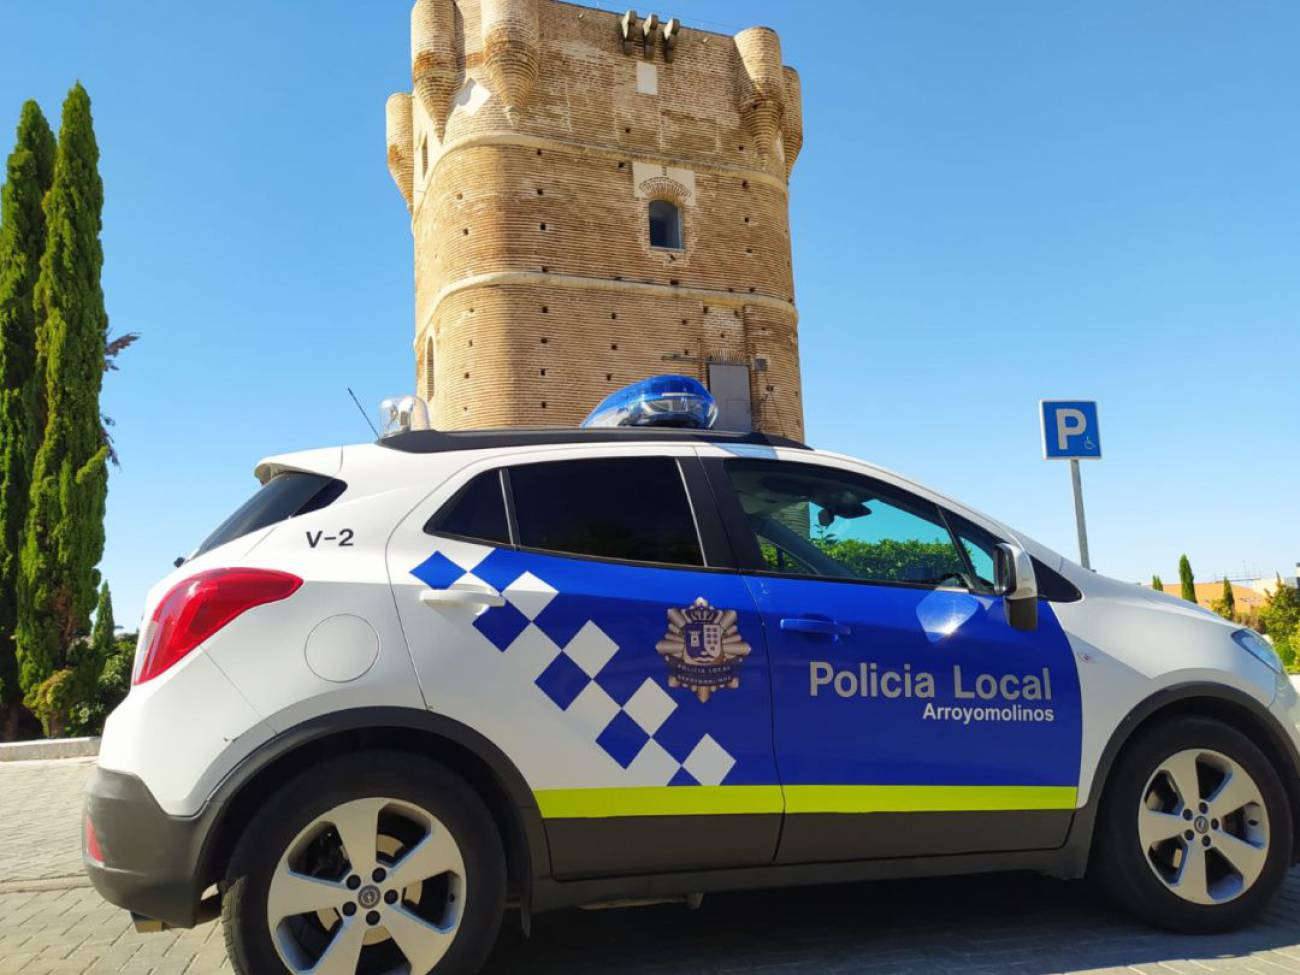 Patrulla de policía local de arroyomolinos